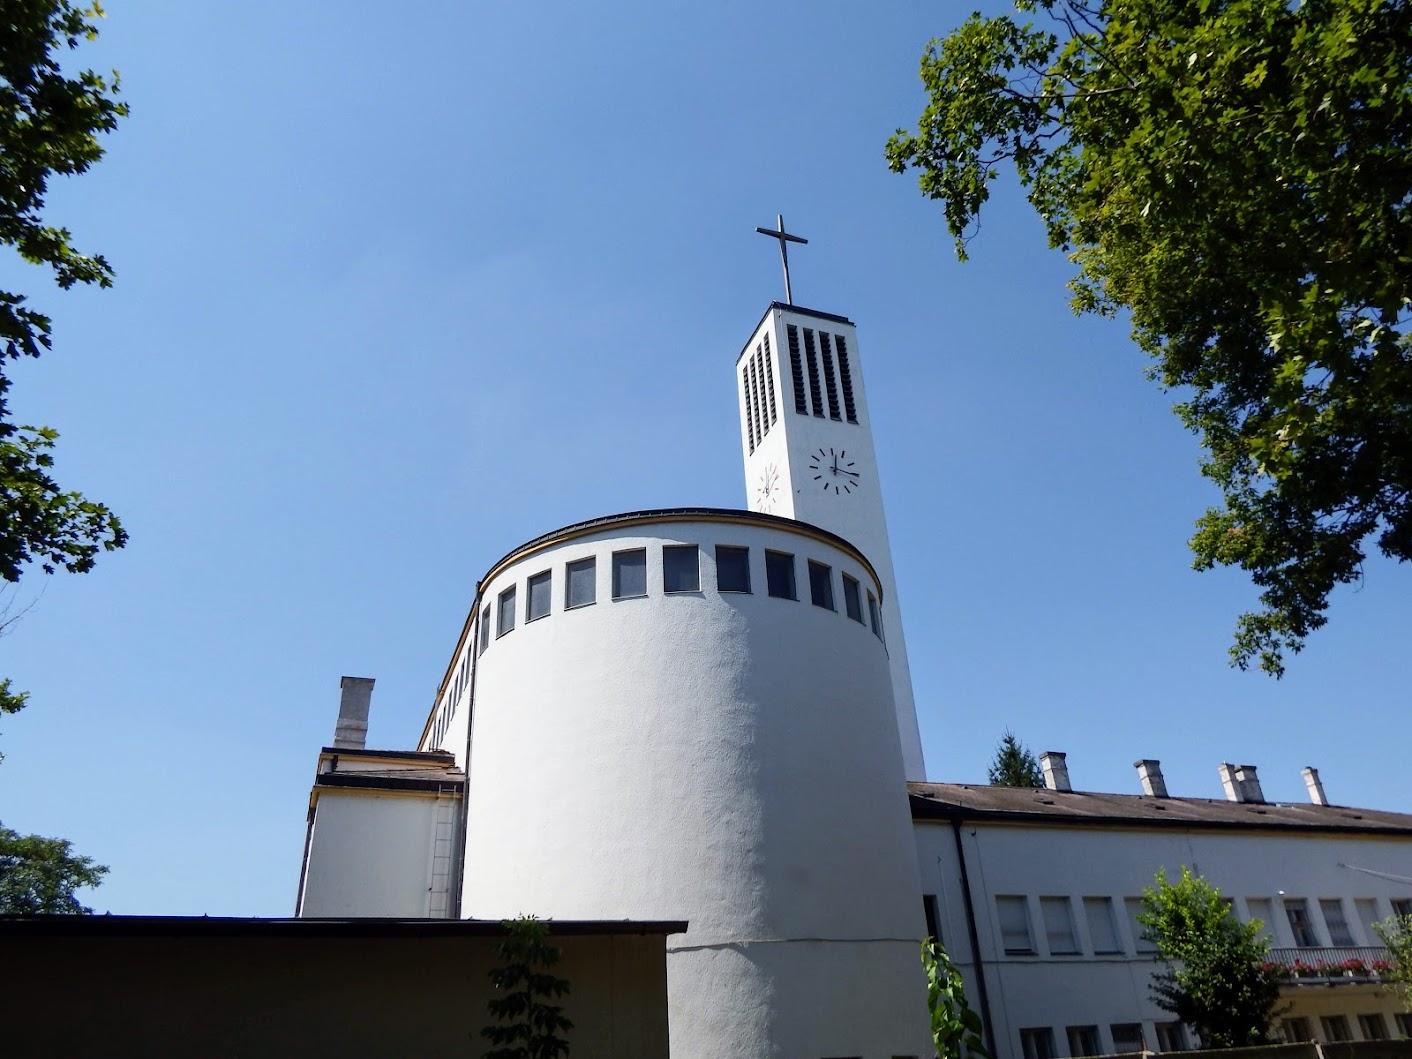 Győr-Nádorváros - Szent Imre rk. templom az Erzsébet-liget mellett